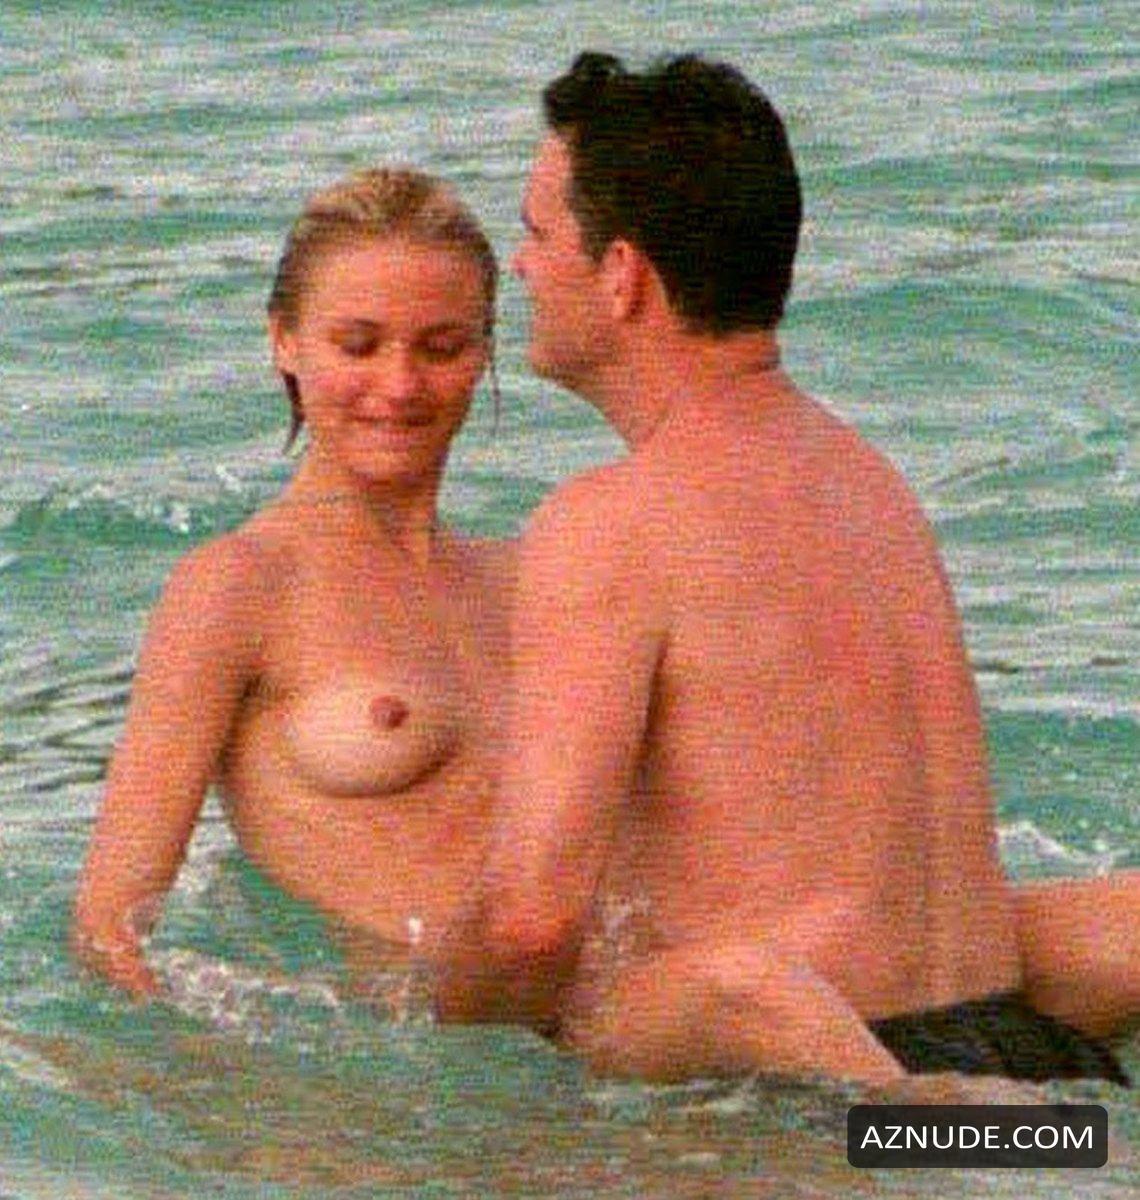 diaz nude Caneron